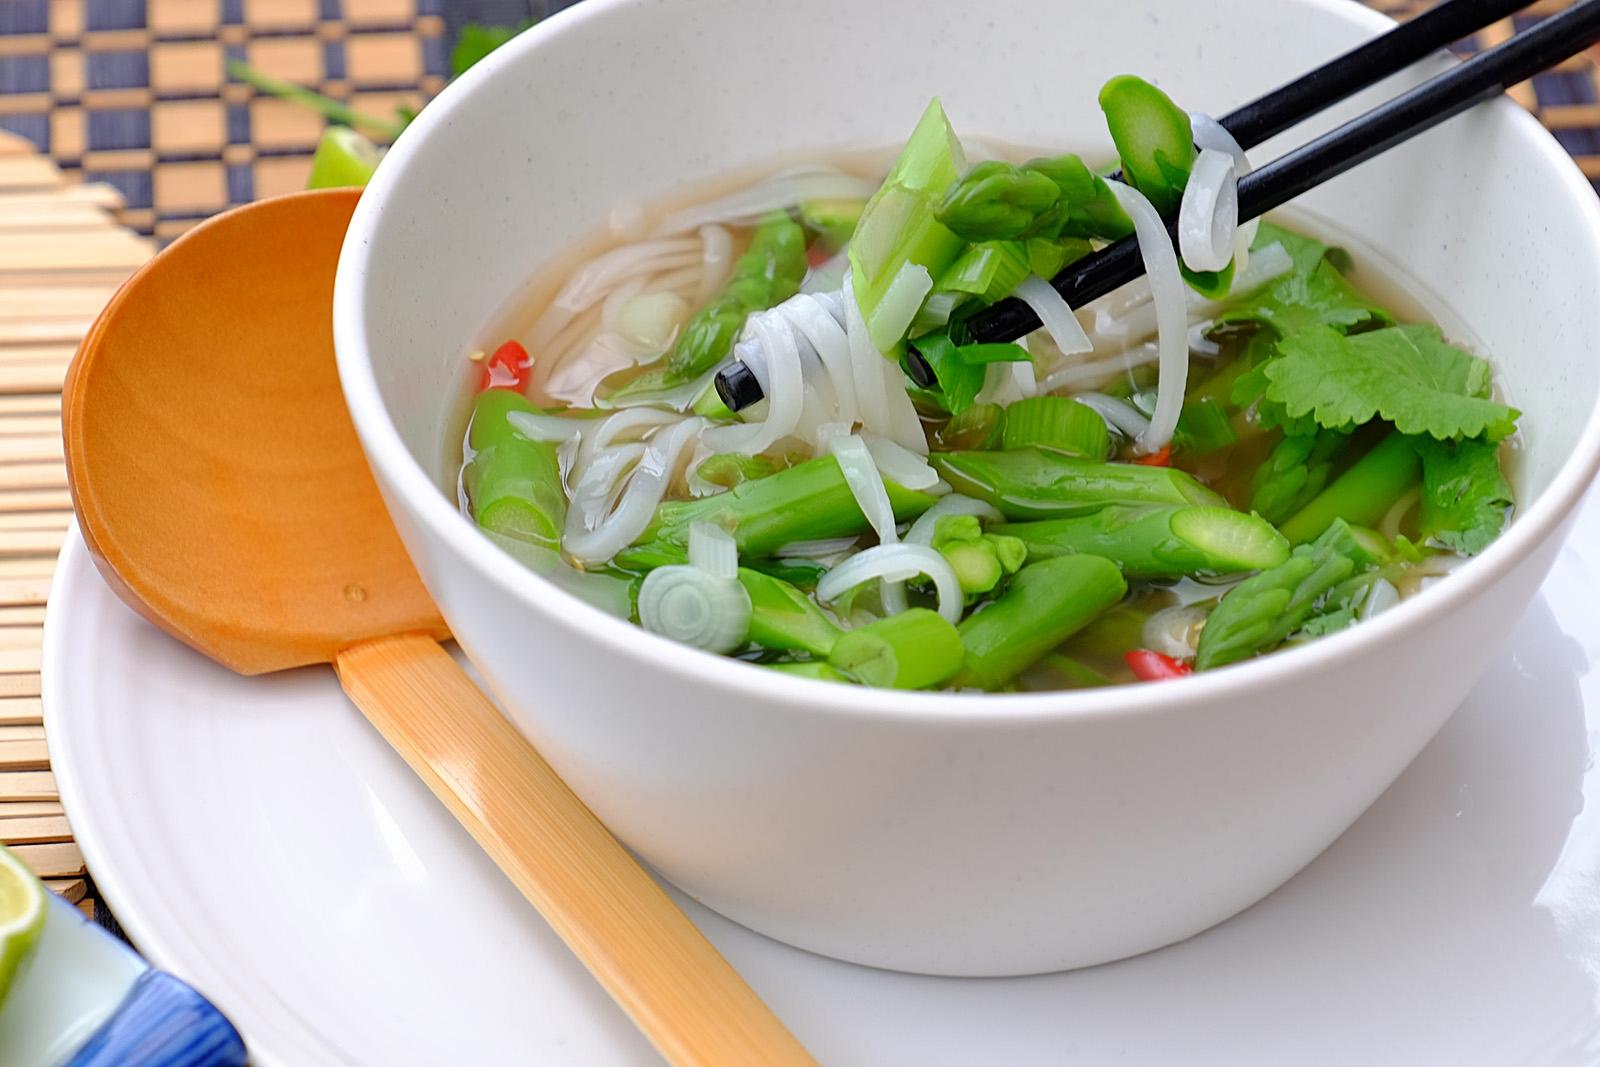 Dietní letní polévka pho se zeleným chřestem a cibulkami